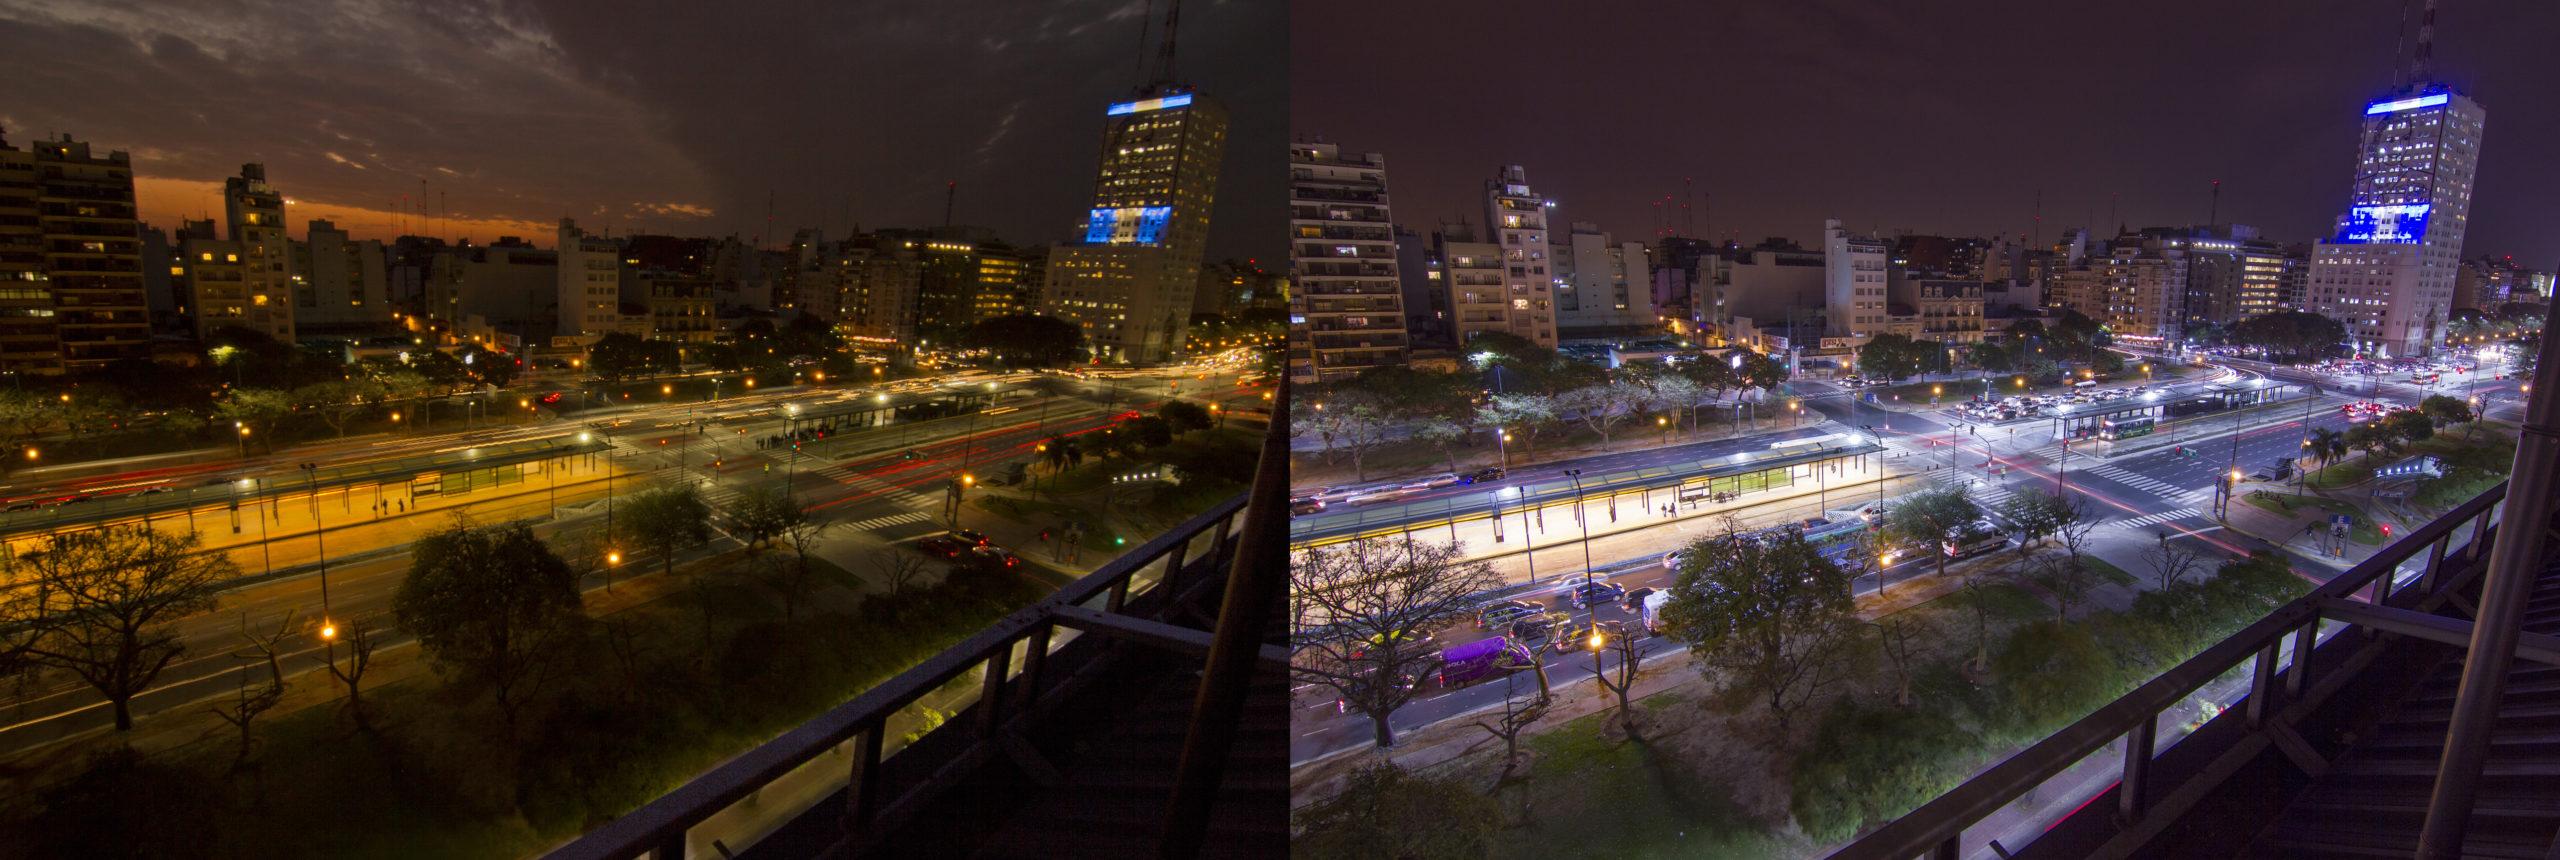 Освещение Буэнос-Айреса